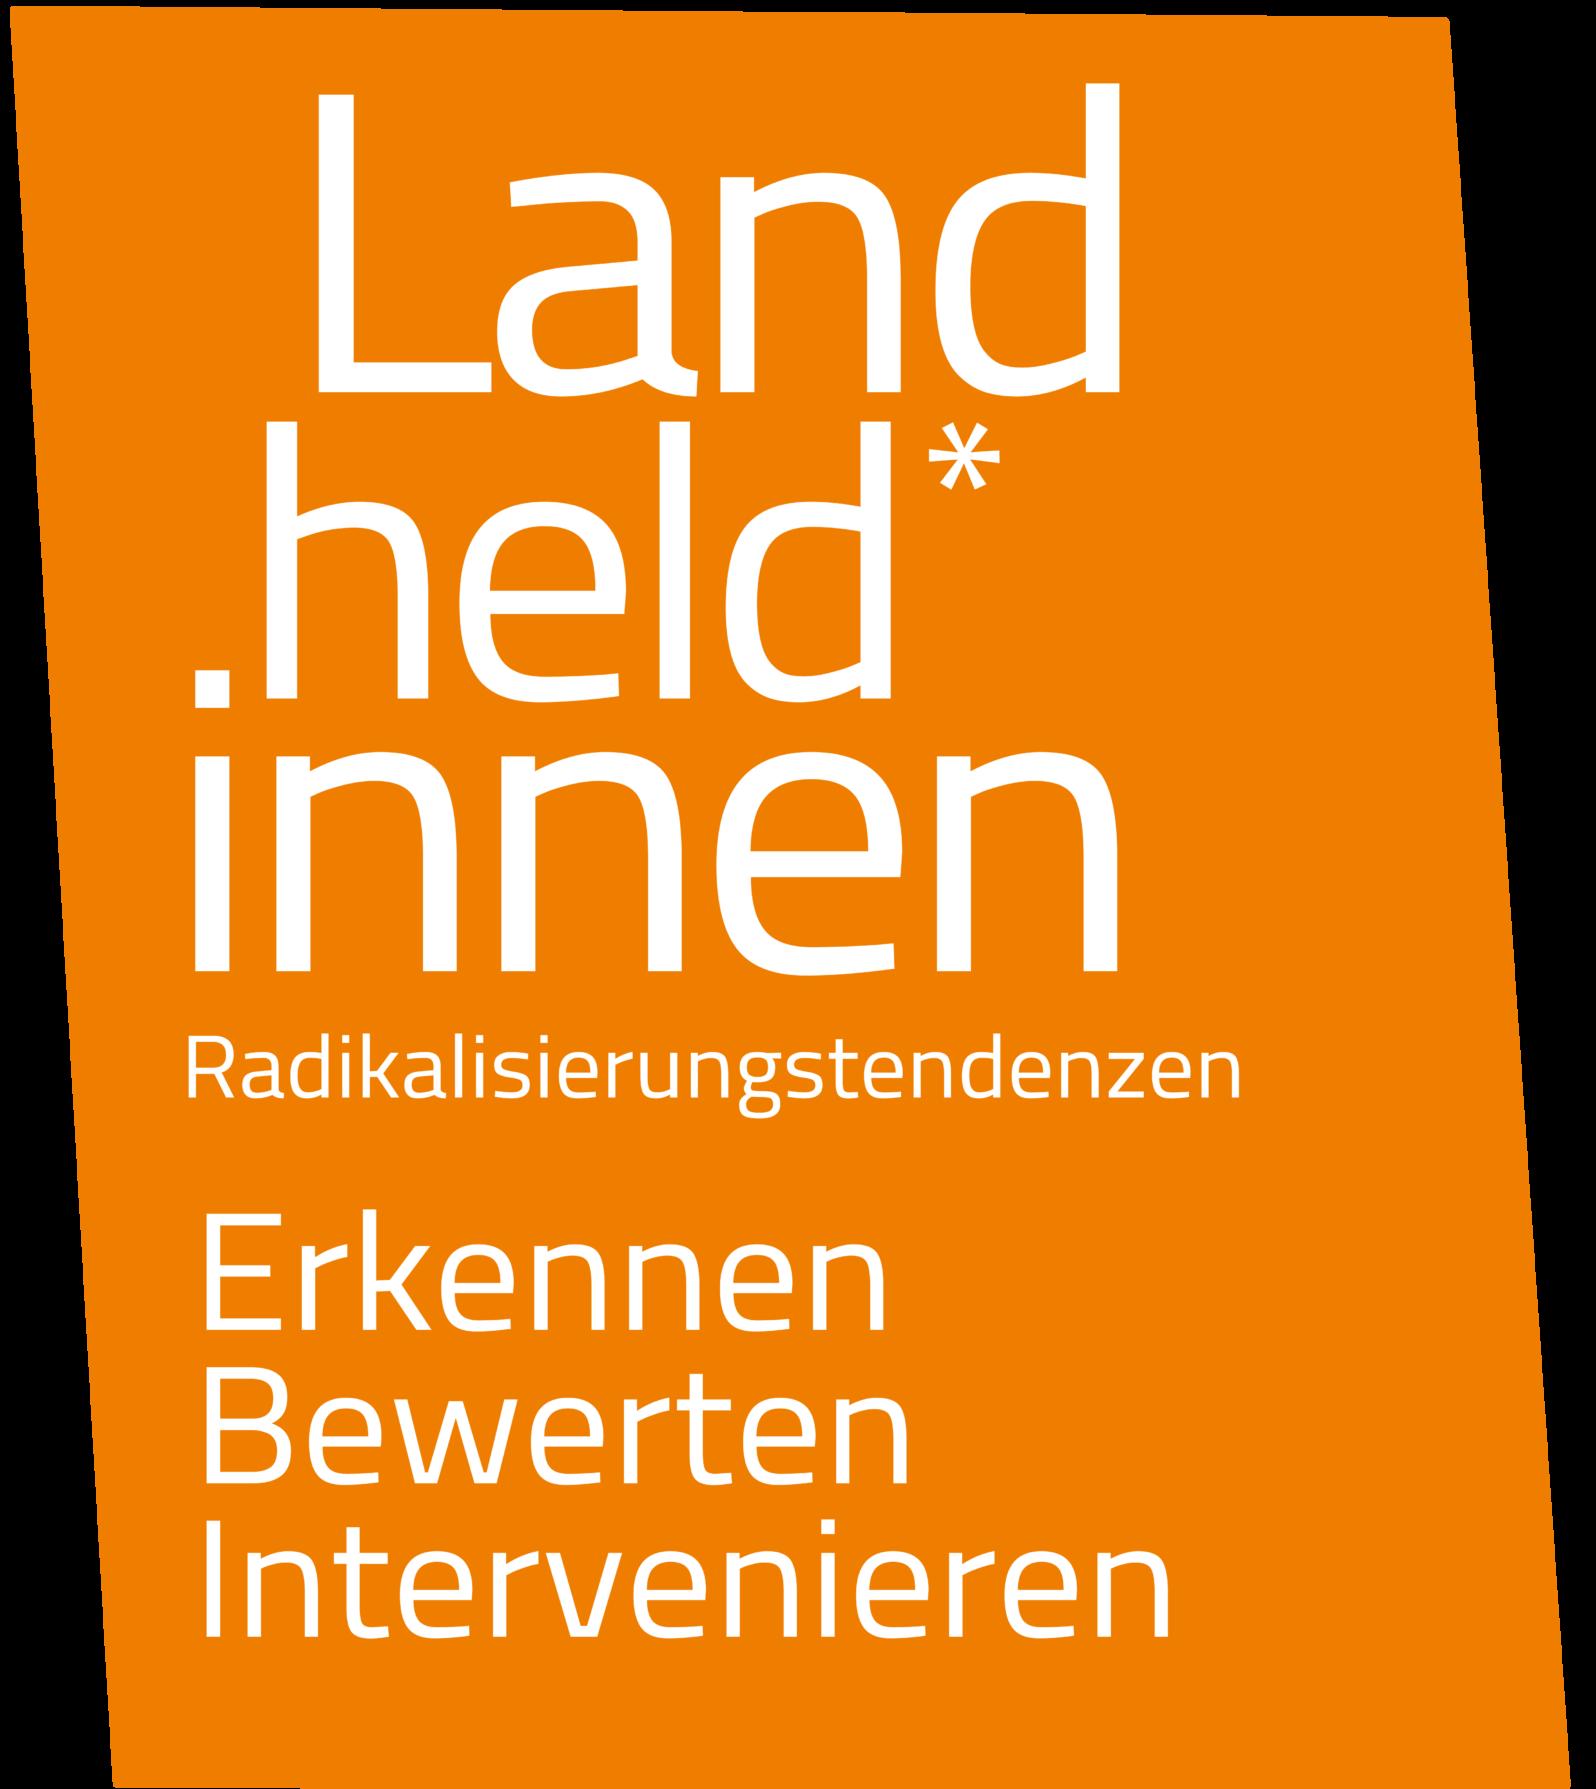 Land-held-innen_weiß_auf_orange_ohne_Hintergrund_RGB